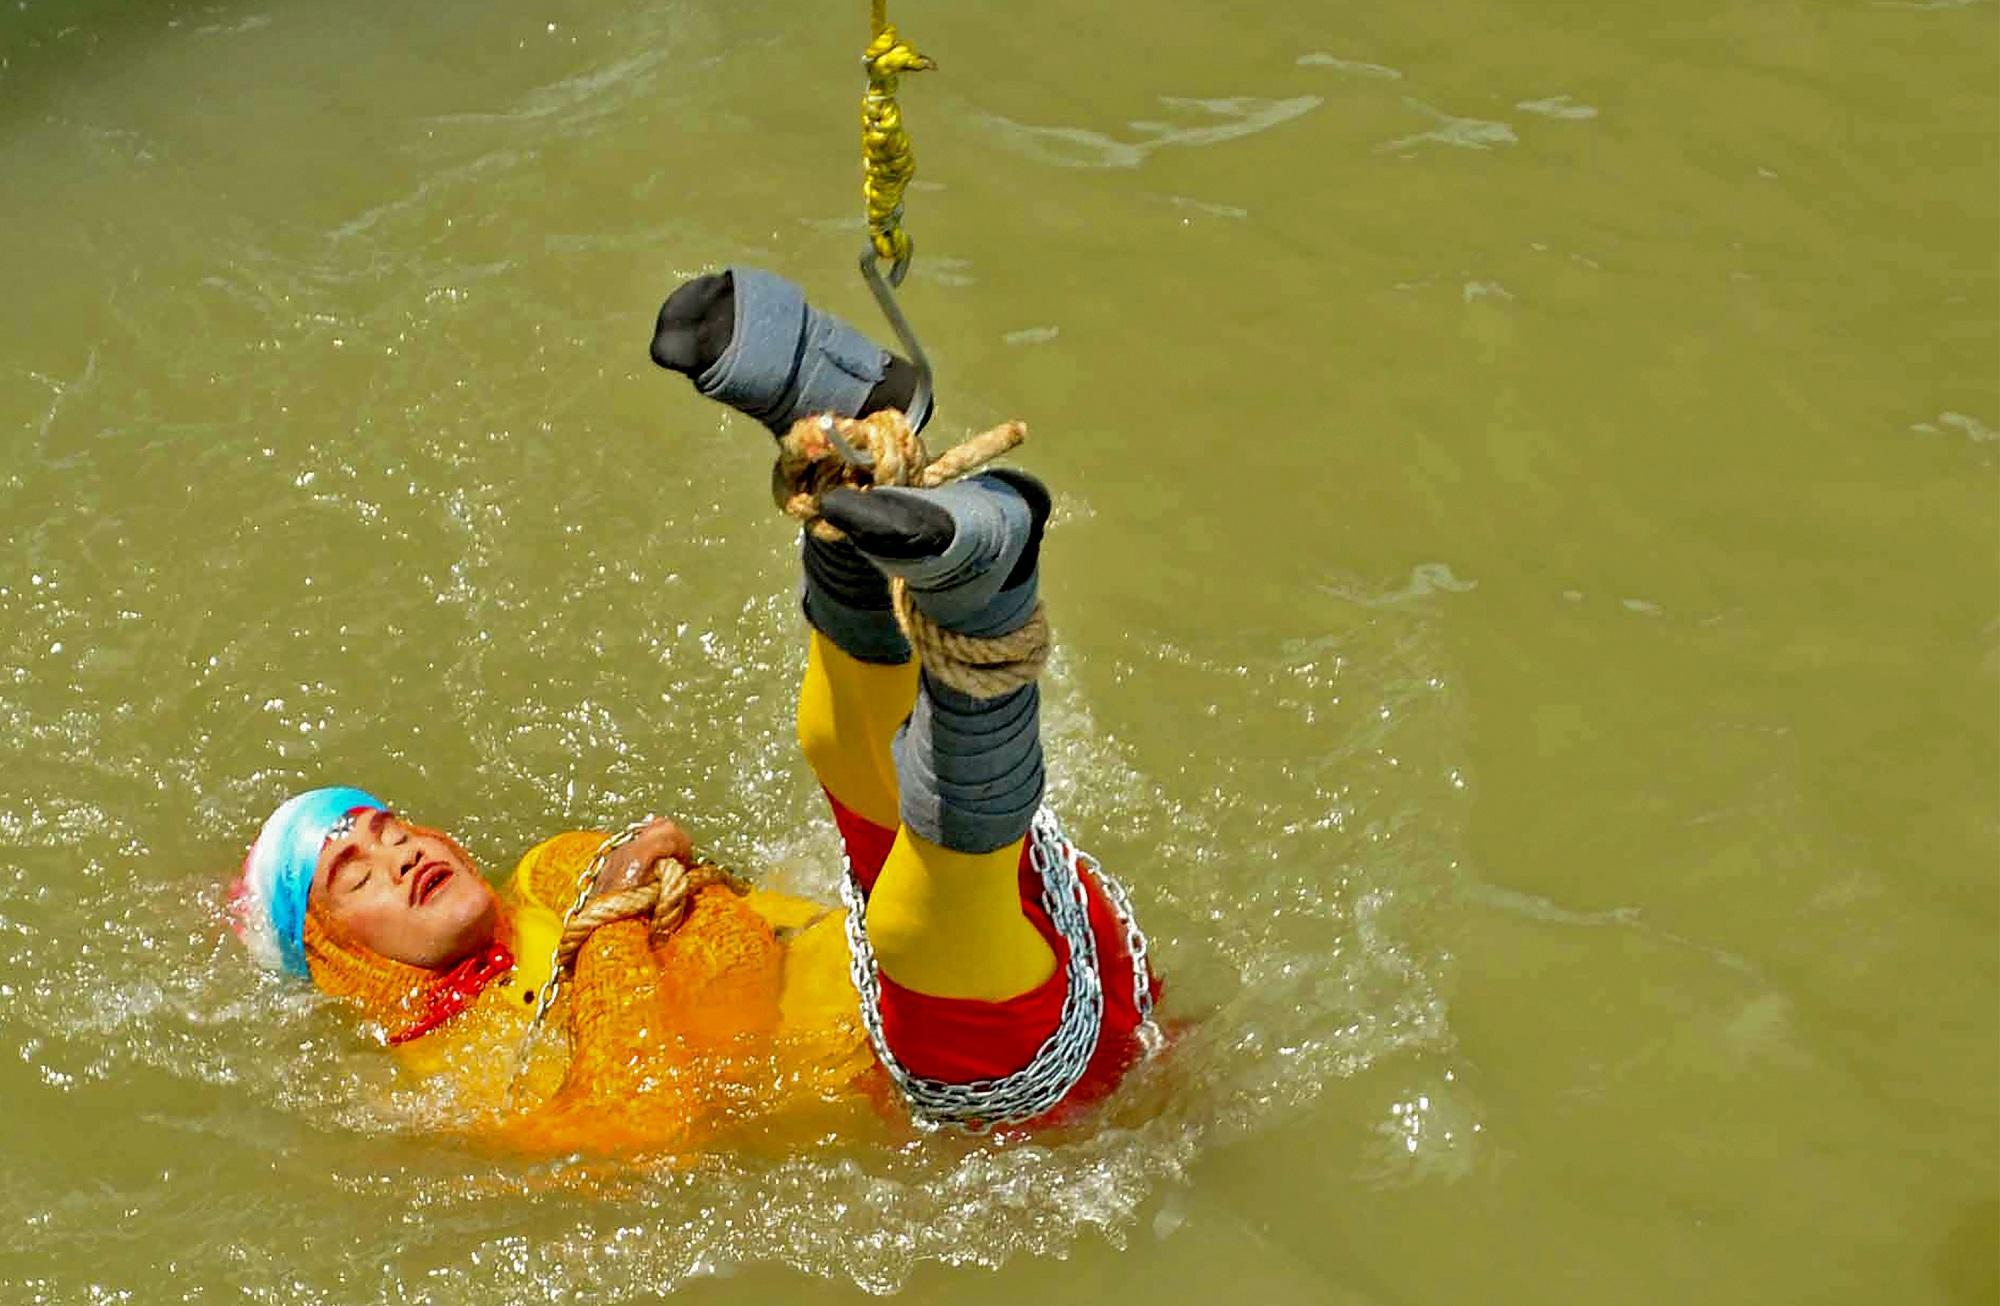 Tenta trucco Houdini, 'mago' scompare nel fiume